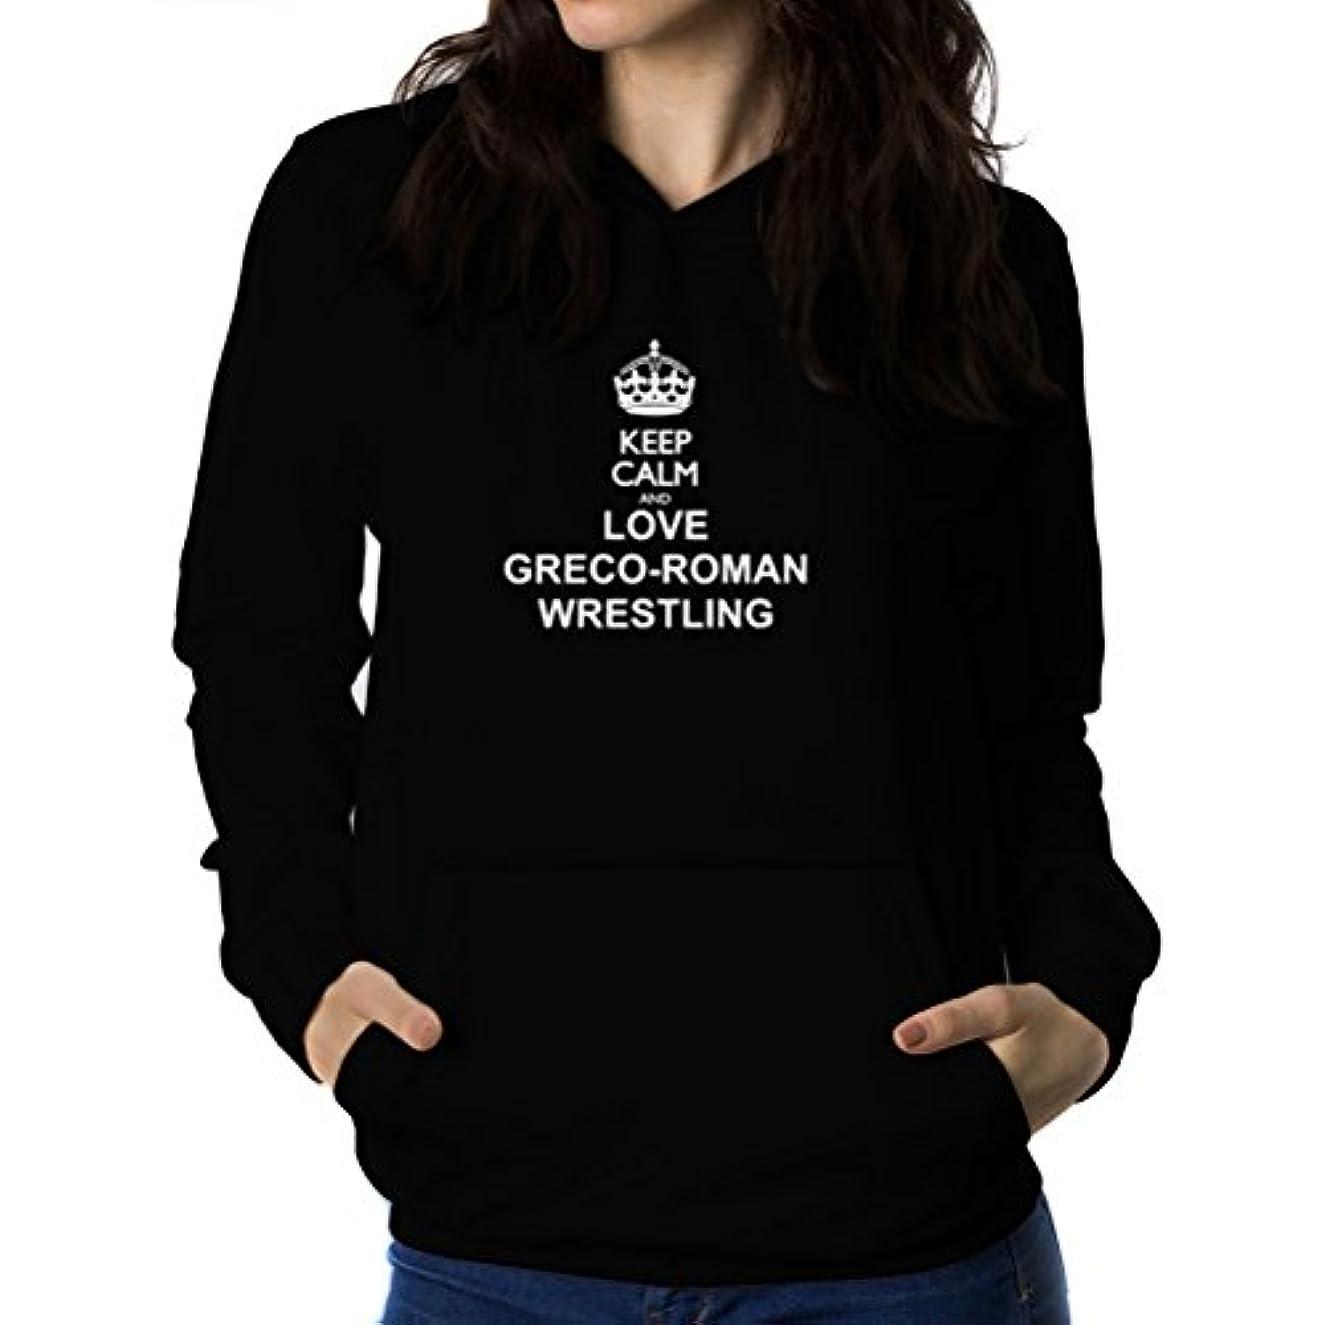 表現達成する志すKeep calm and love Greco Roman Wrestling 女性 フーディー